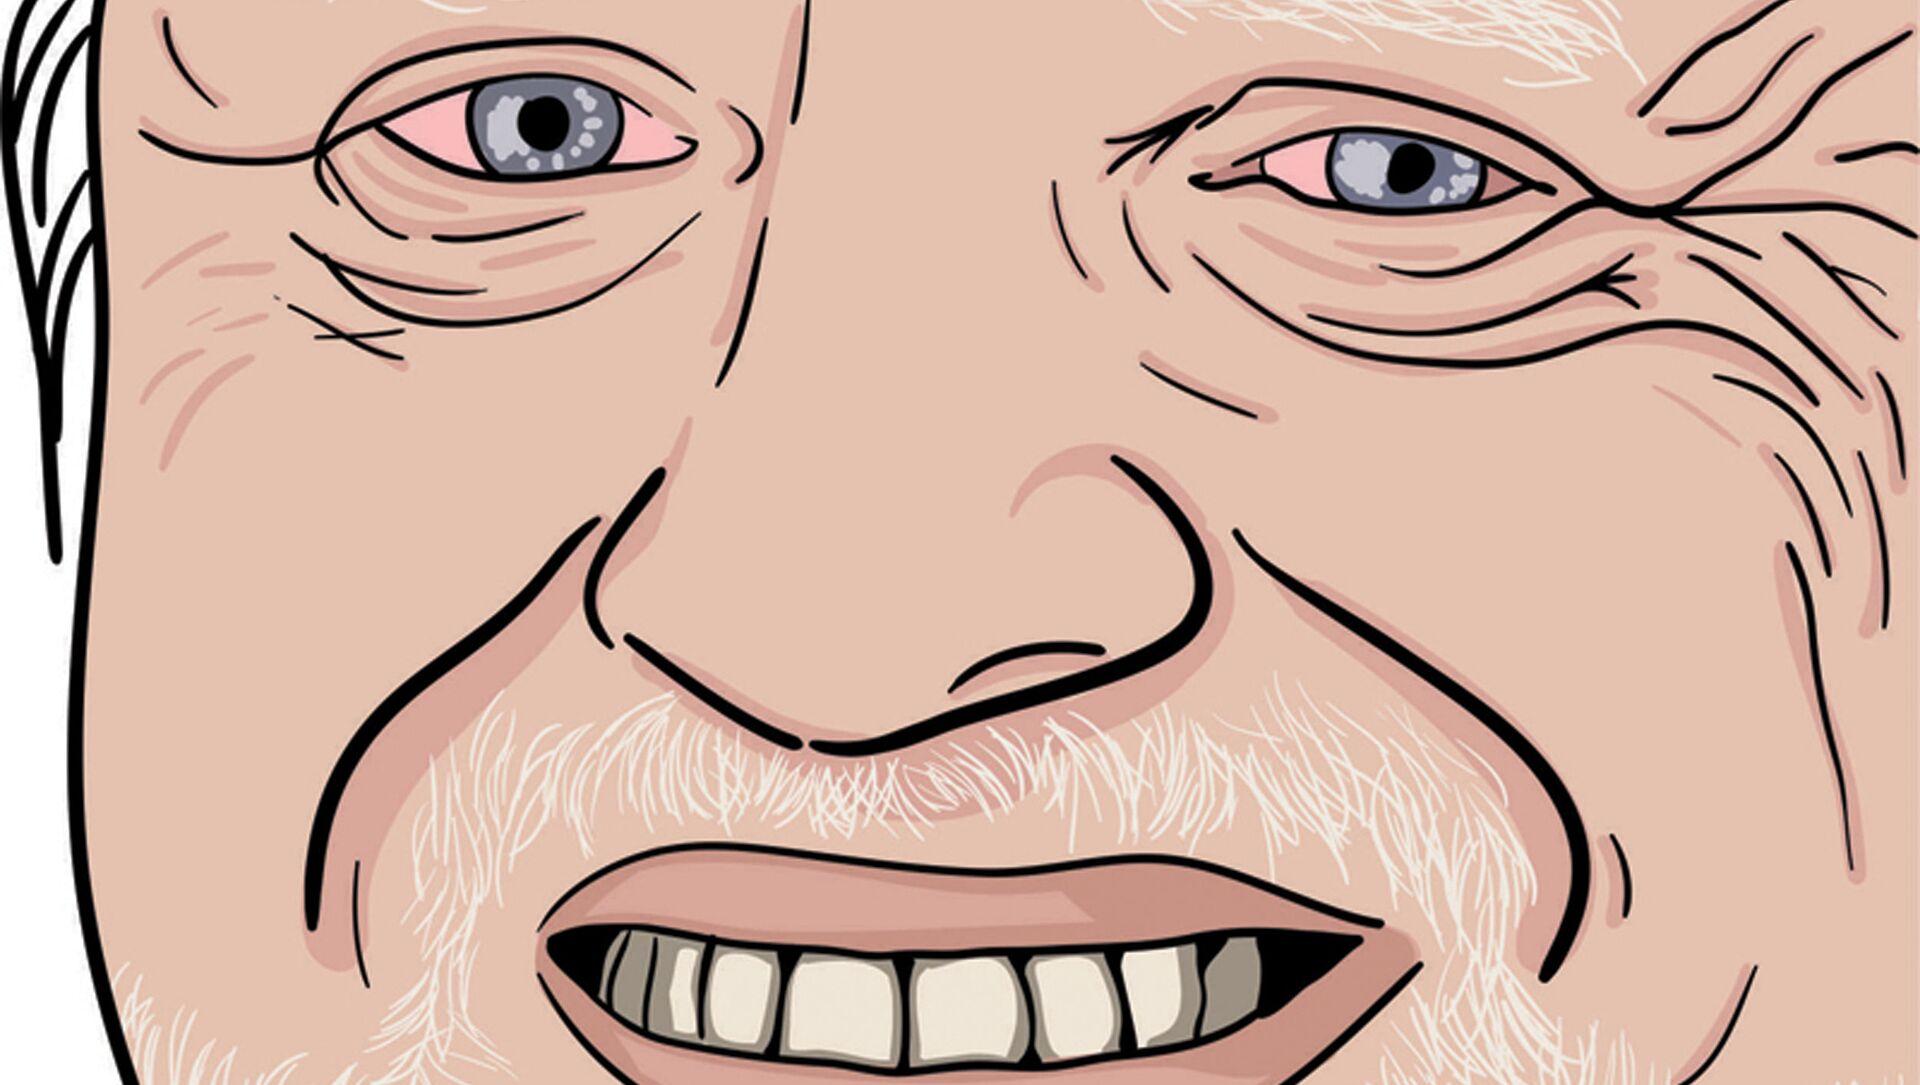 András Arató, un ingegnere elettrico e modello ungherese in pensione, meglio conosciuto per essere diventato un meme di Internet Hide the Pain Harold - Sputnik Italia, 1920, 18.05.2021